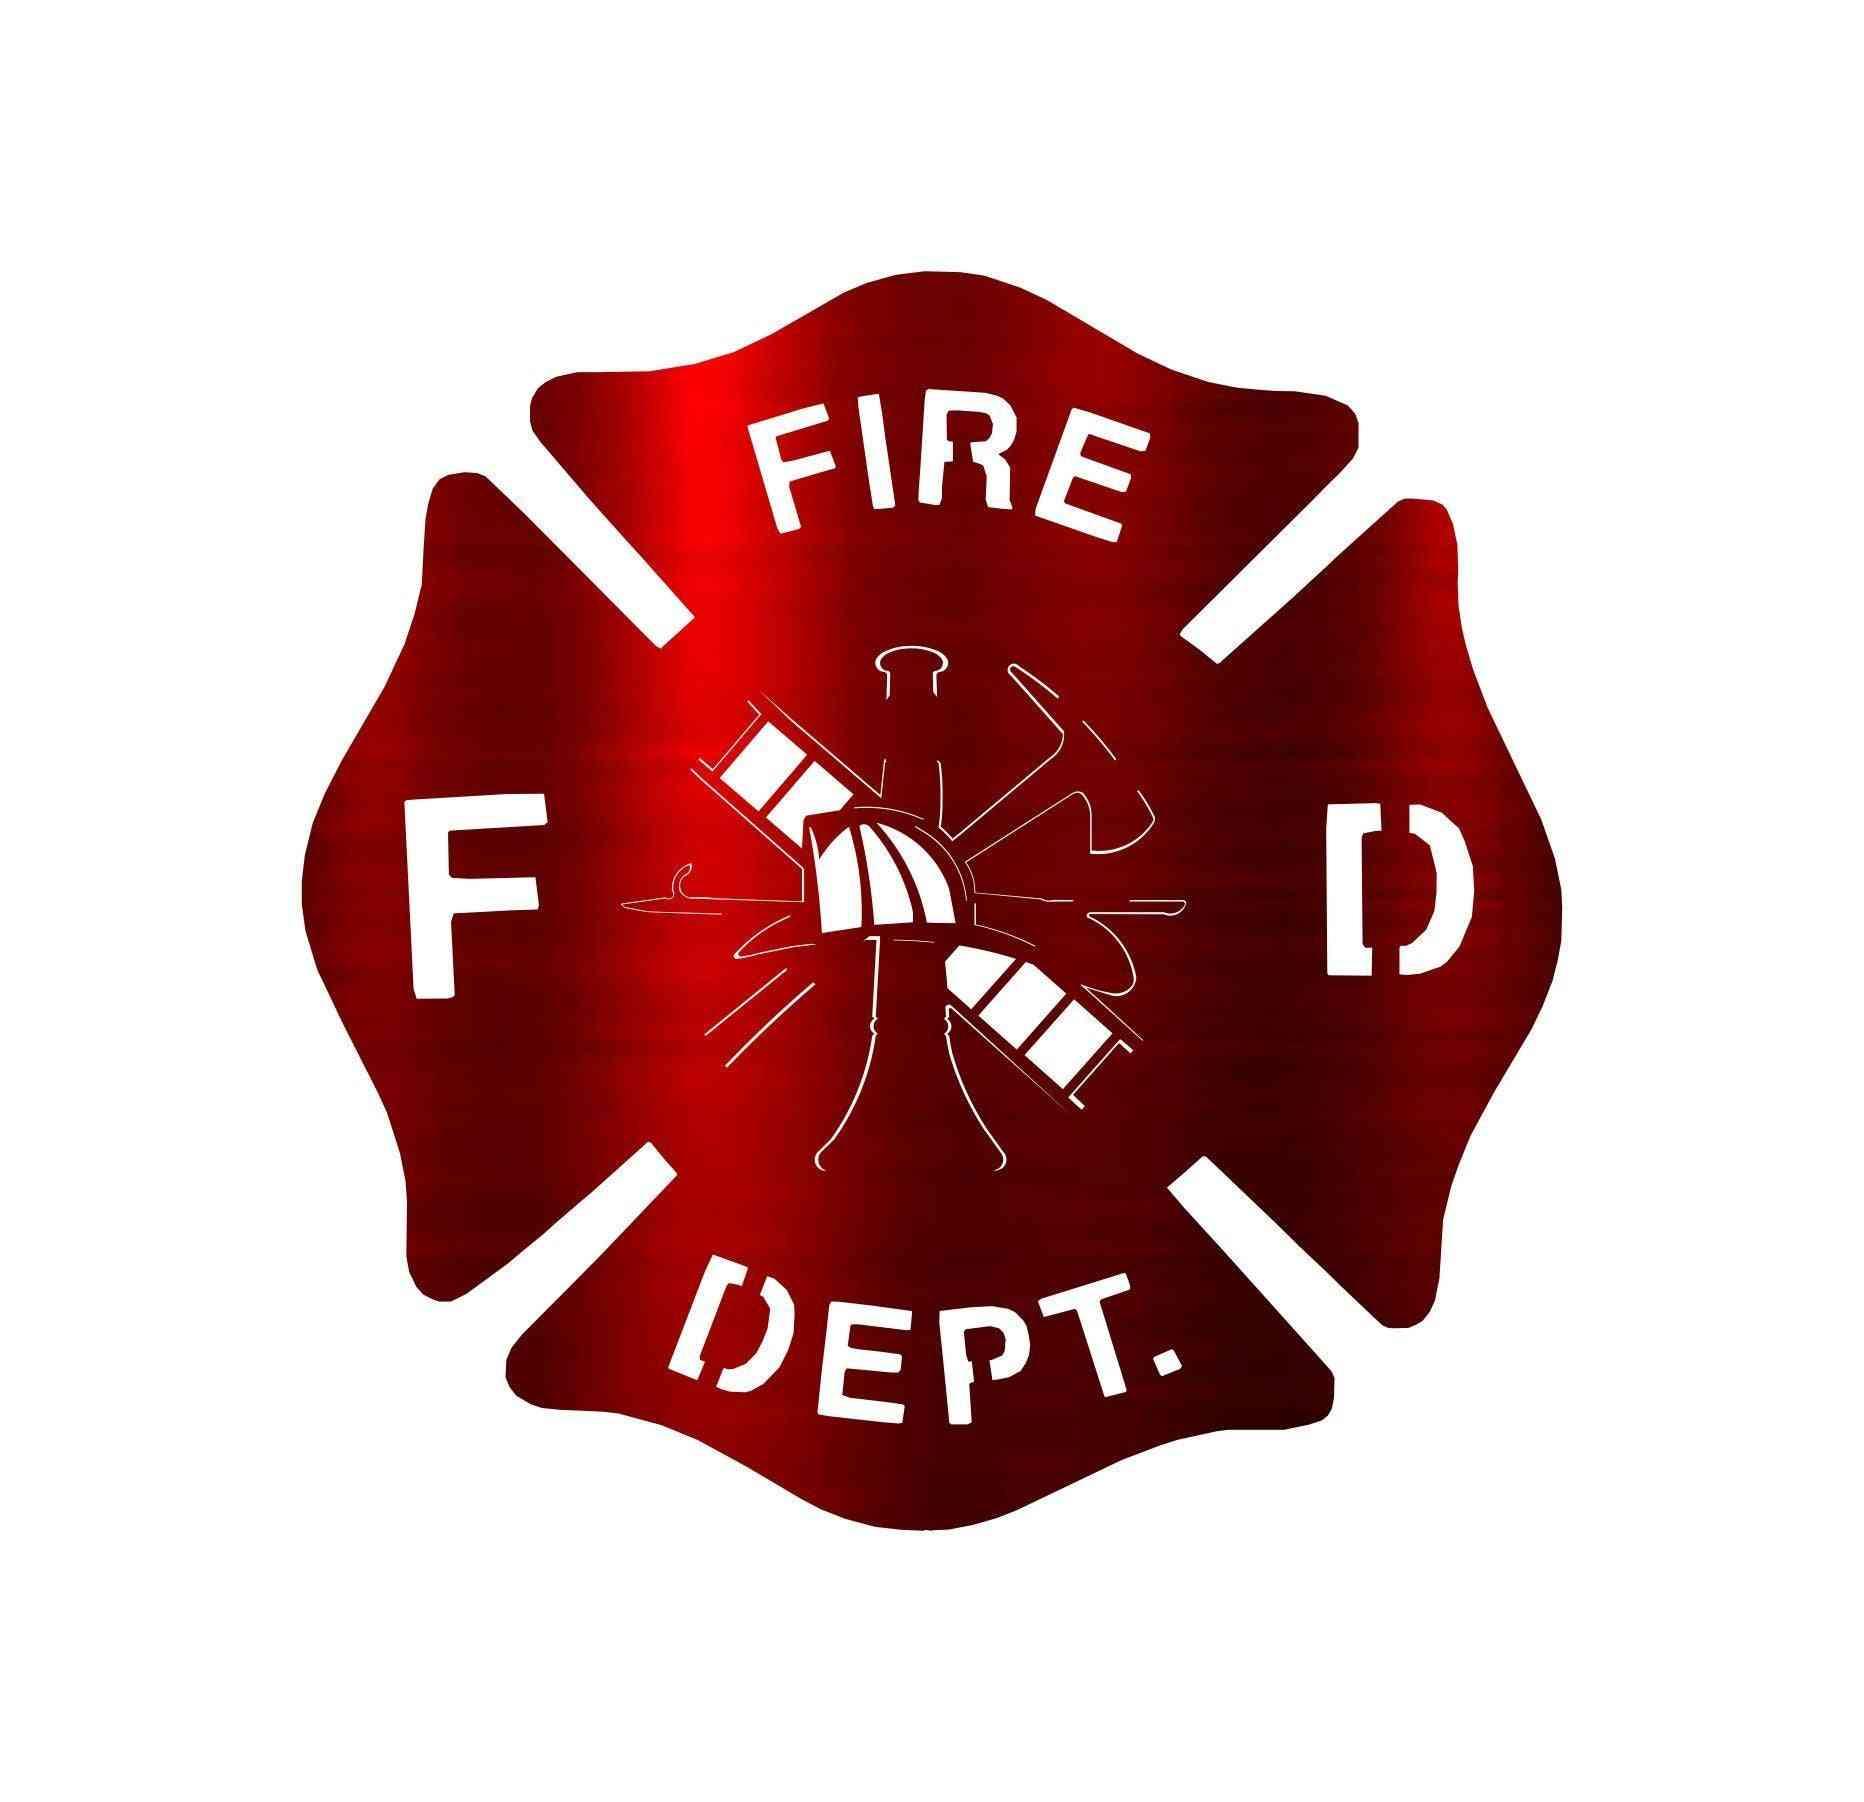 Unique Design Firefighter Badge